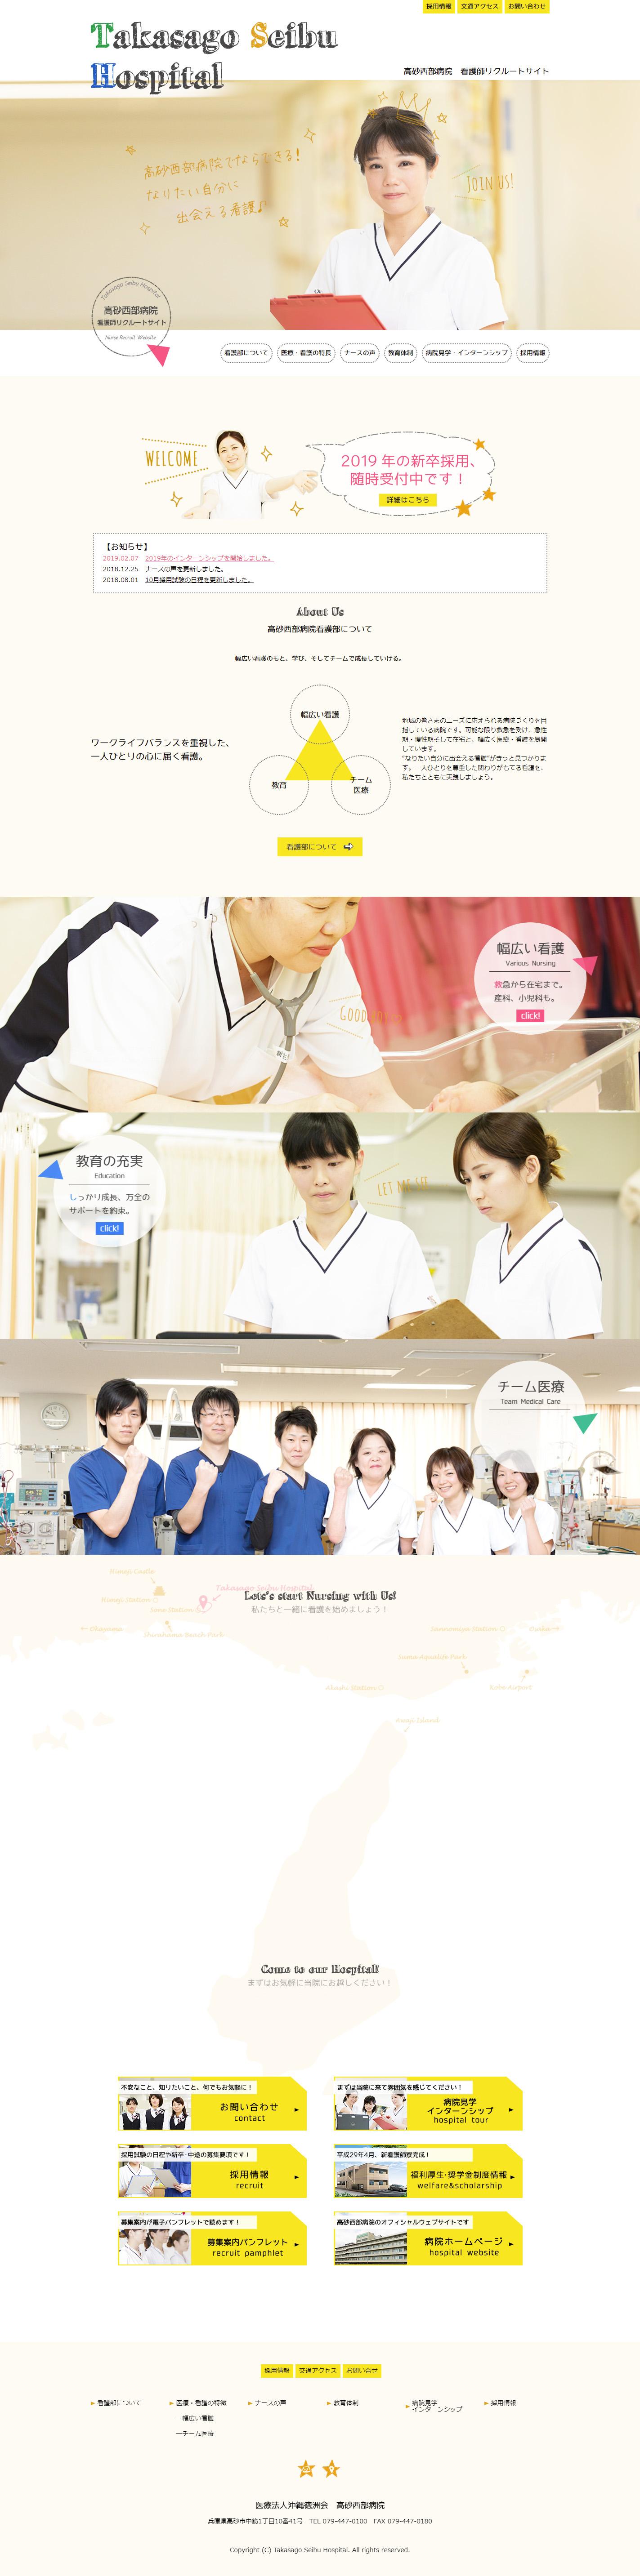 2000年4月作成「高砂西部病院」看護部サイト